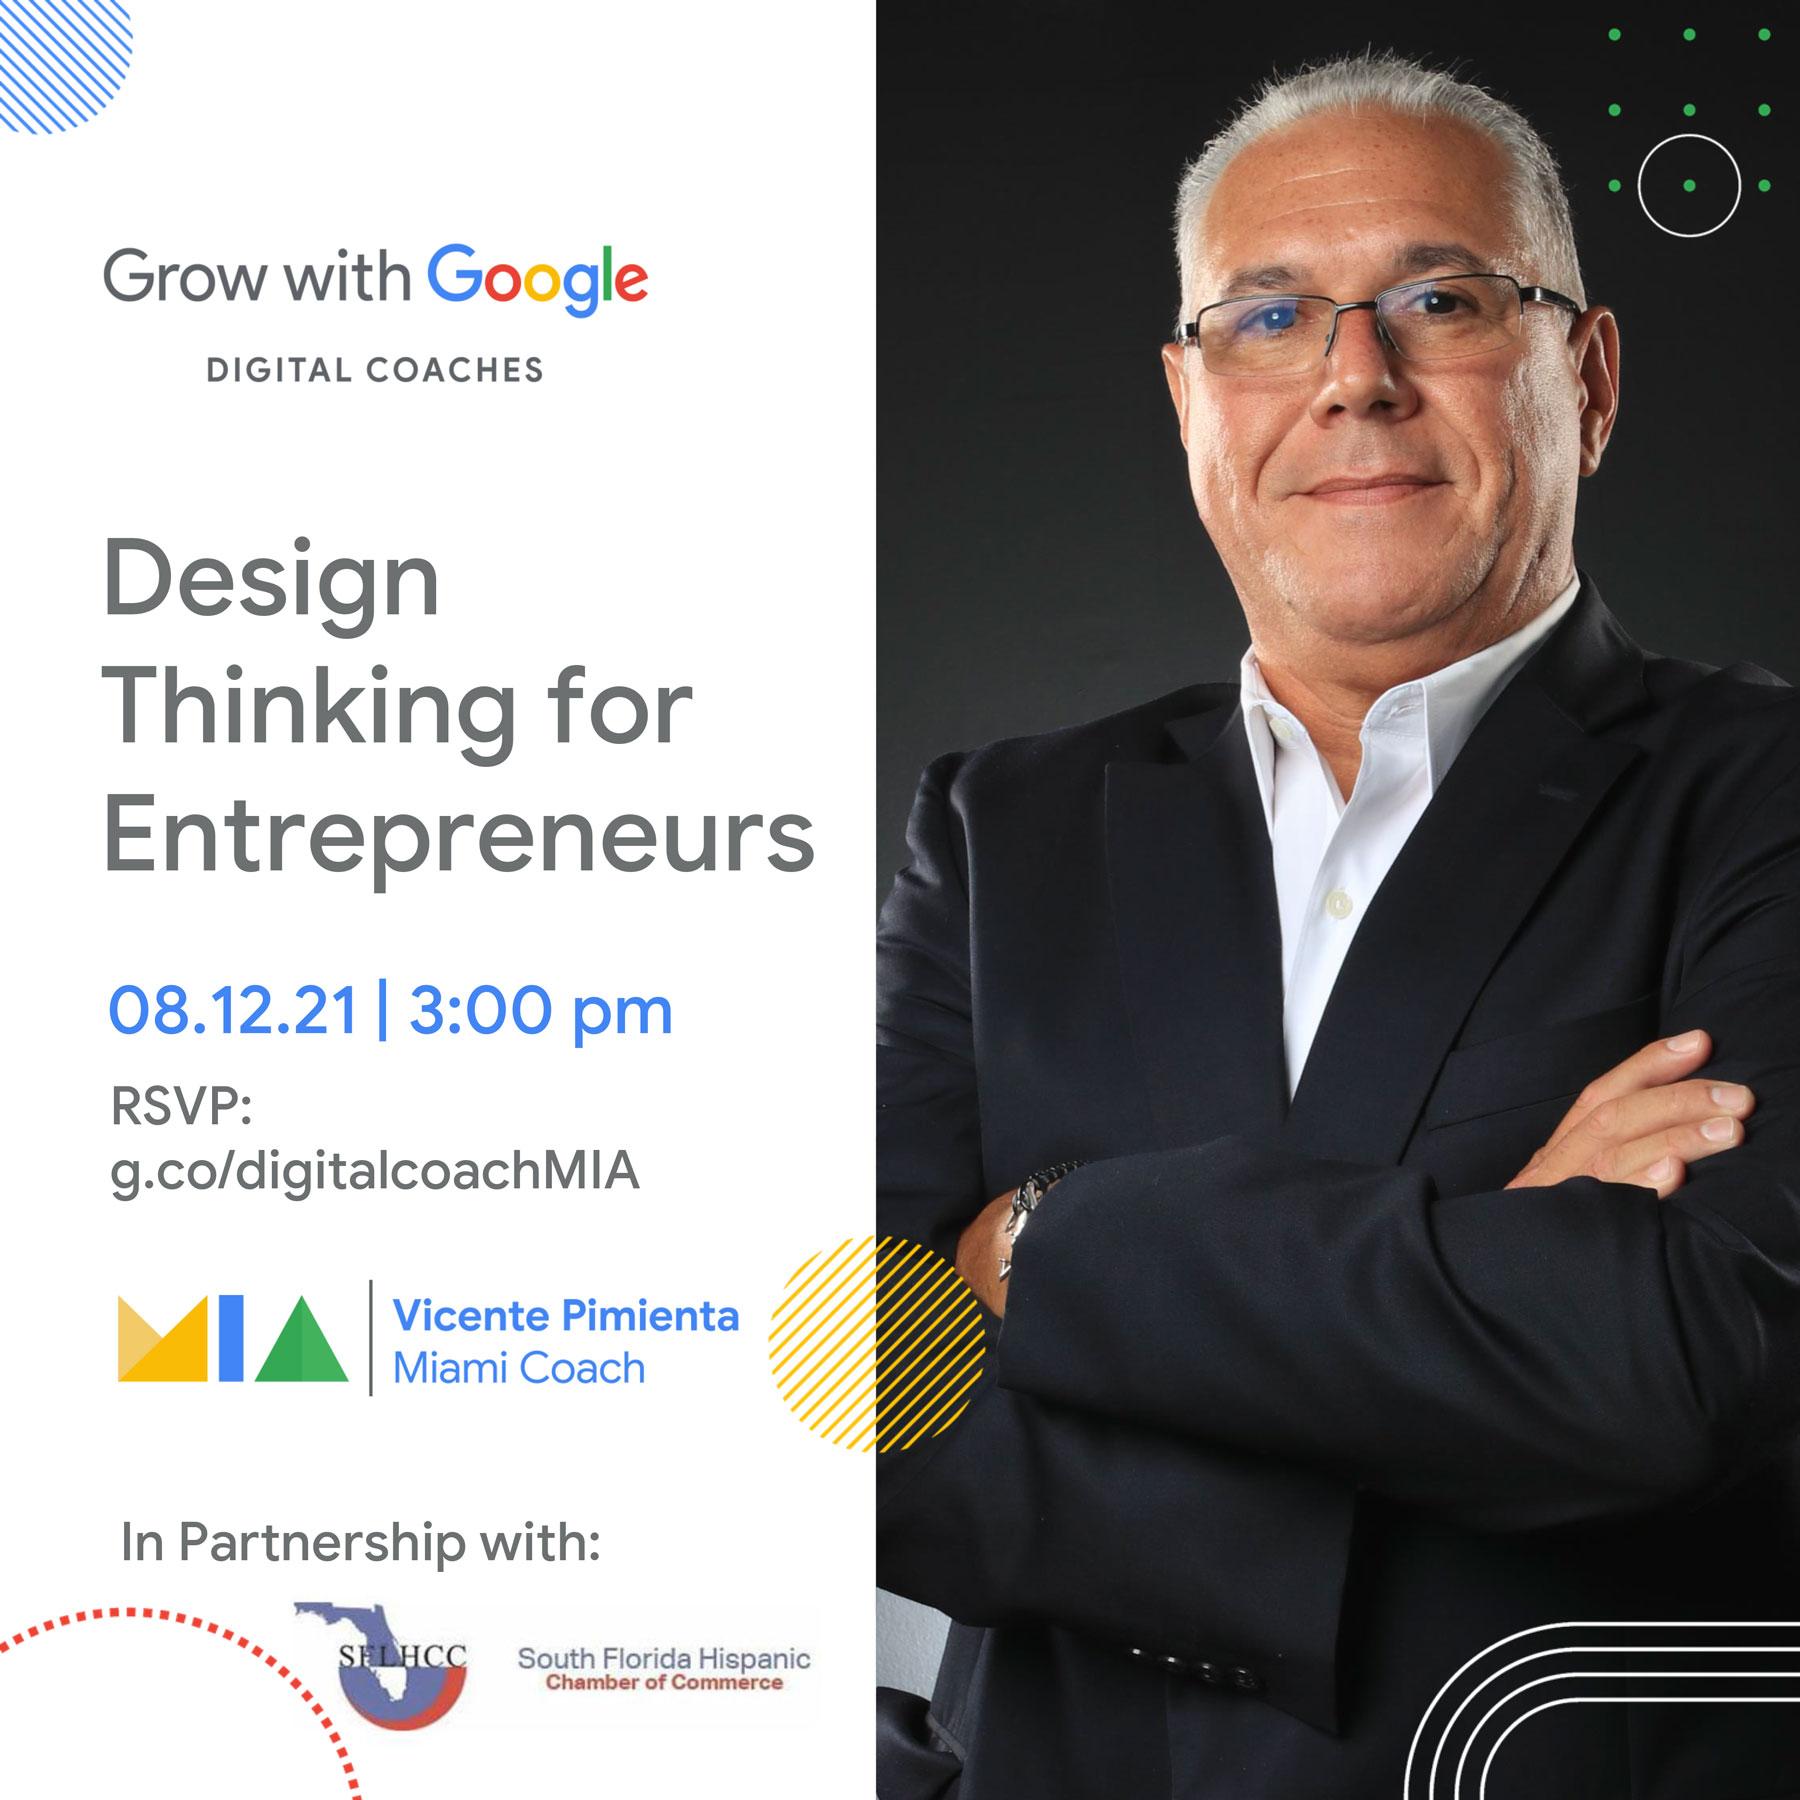 Design Thinking is for entrepreneurs?